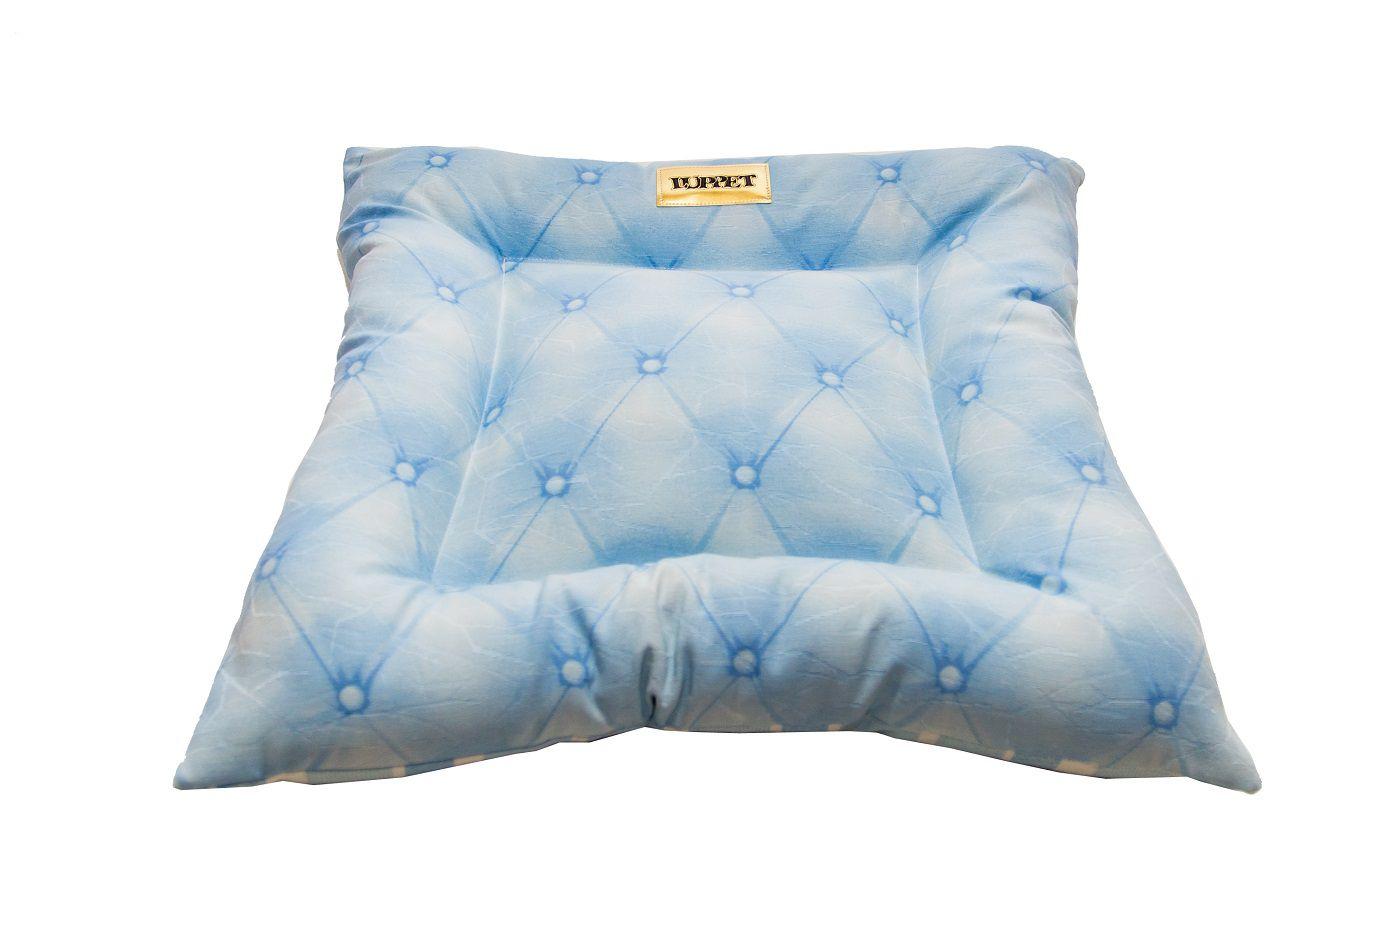 Almofada para Cachorro ou Gatos Luppet Botone Azul